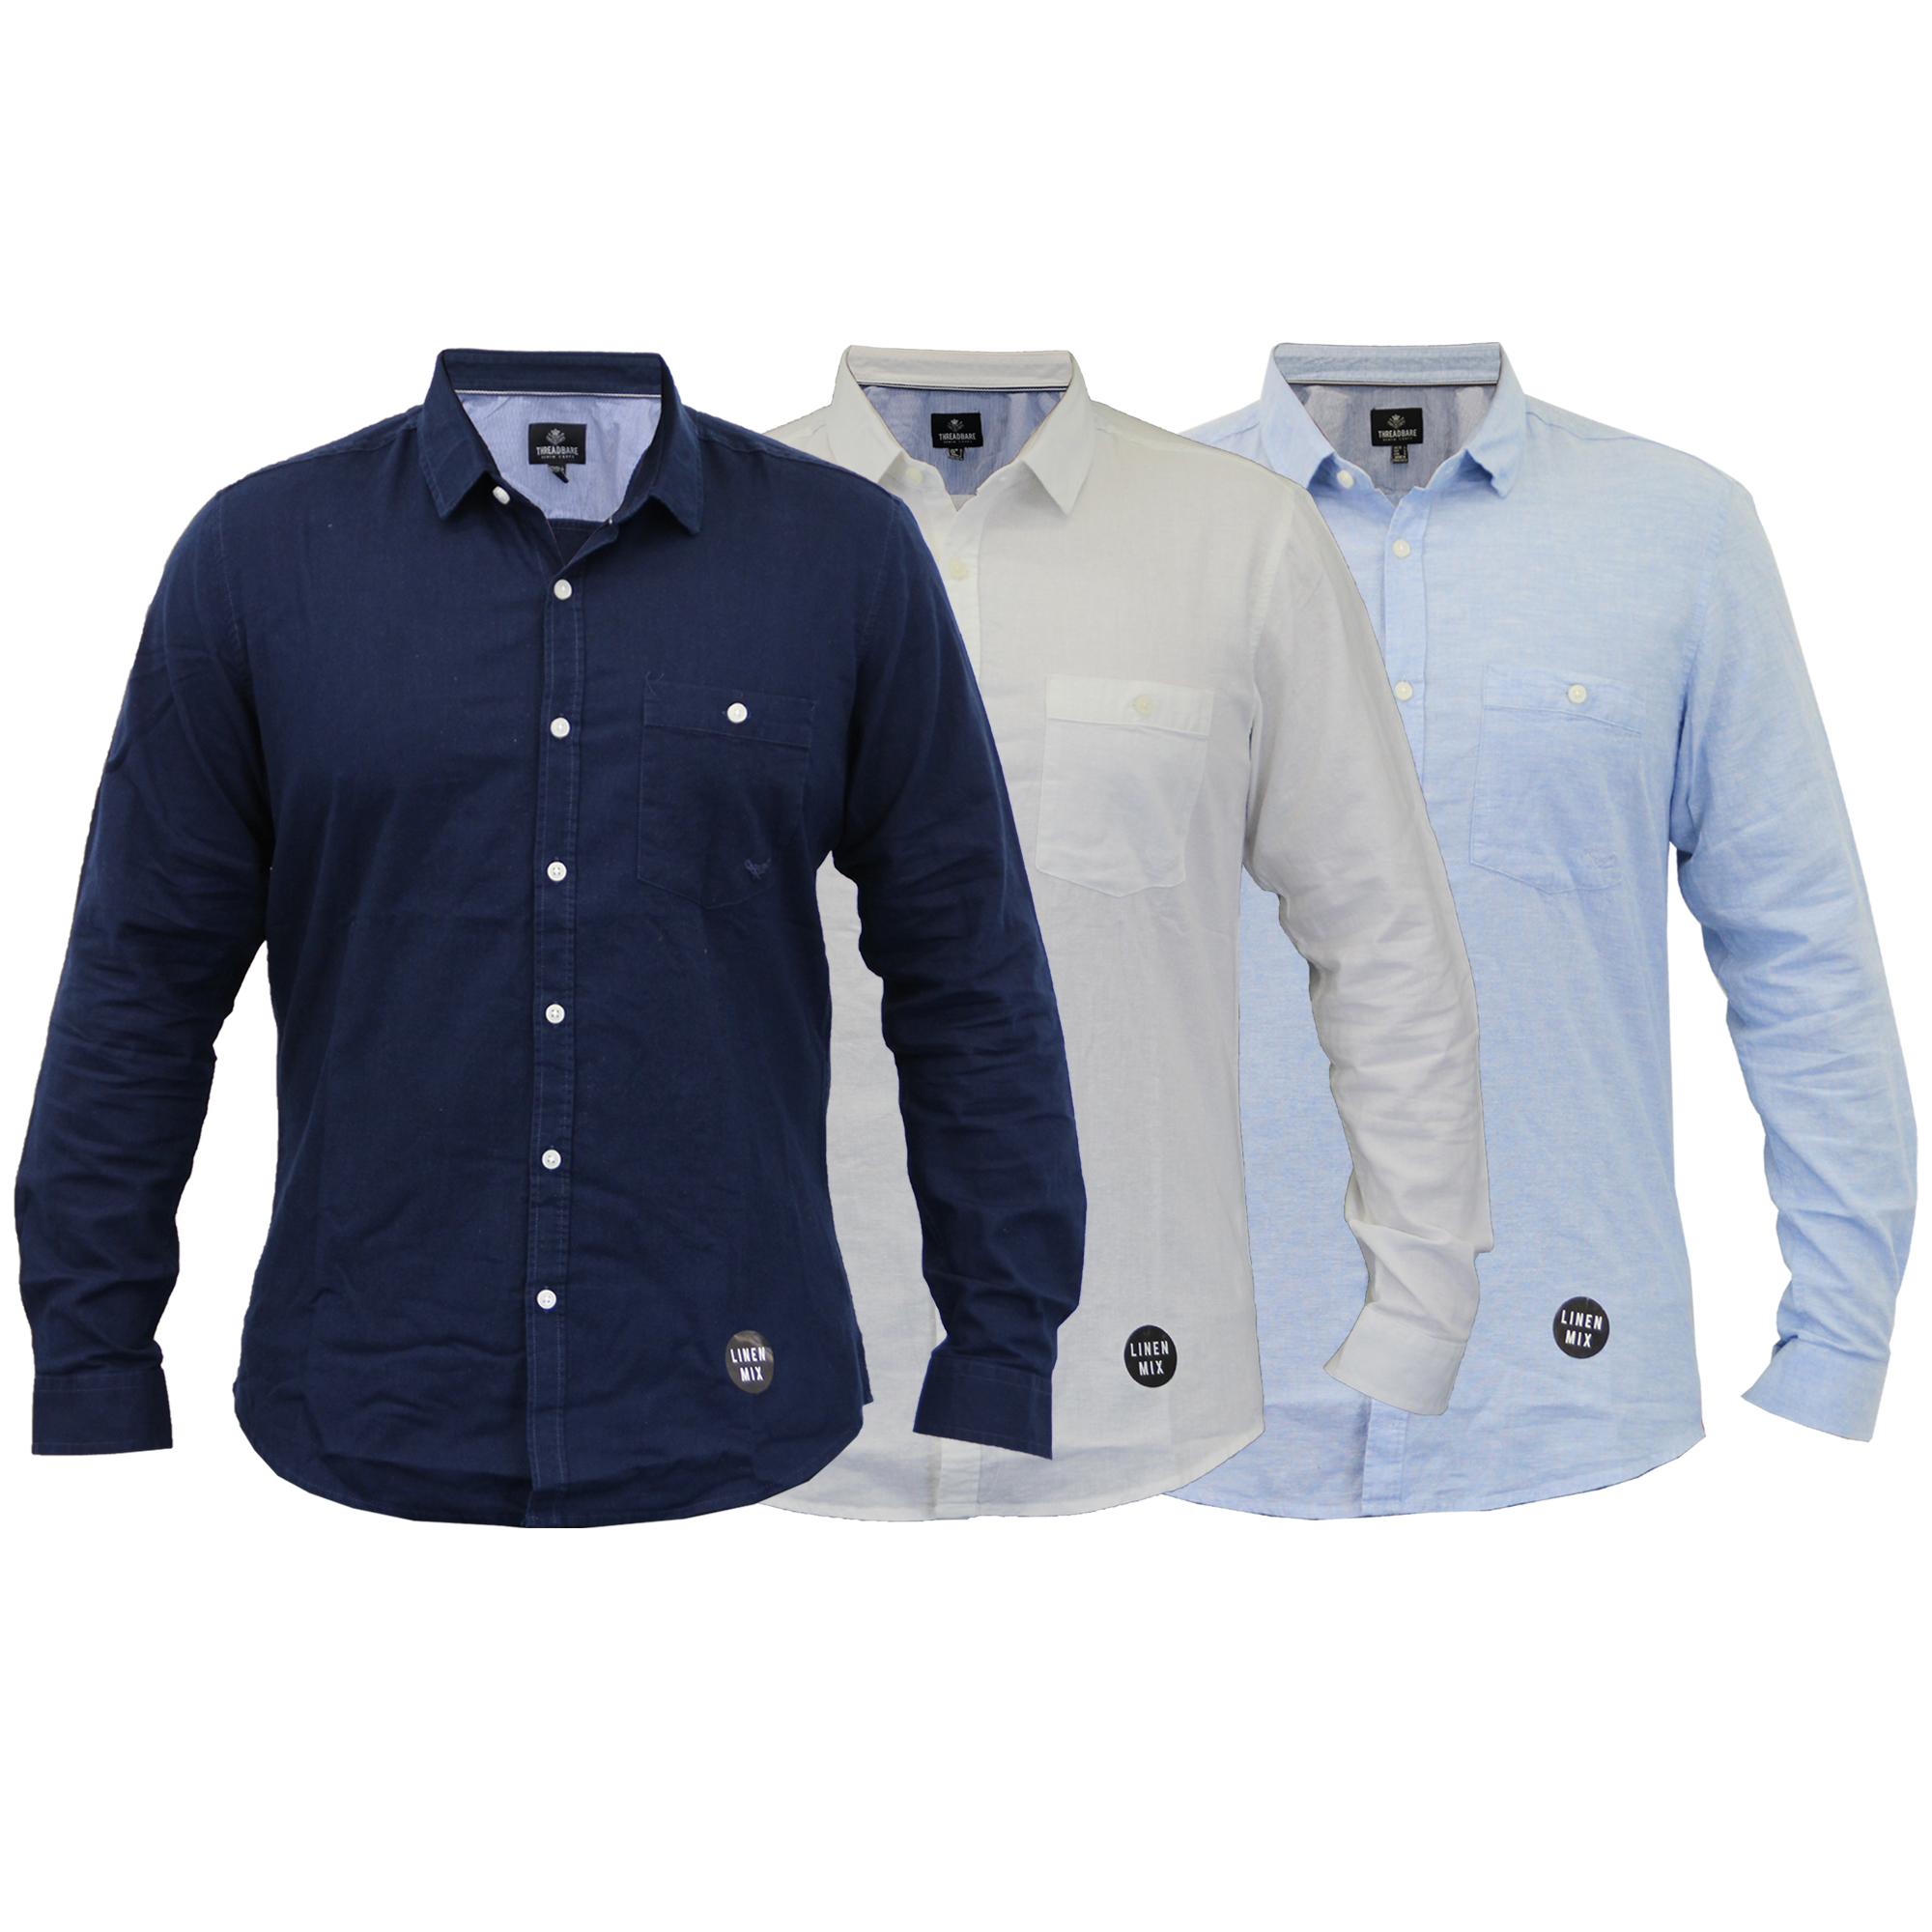 Para-hombres-camisa-de-manga-larga-con-cuello-desgastado-Lino-formales-de-trabajo-informal-de-verano miniatura 4